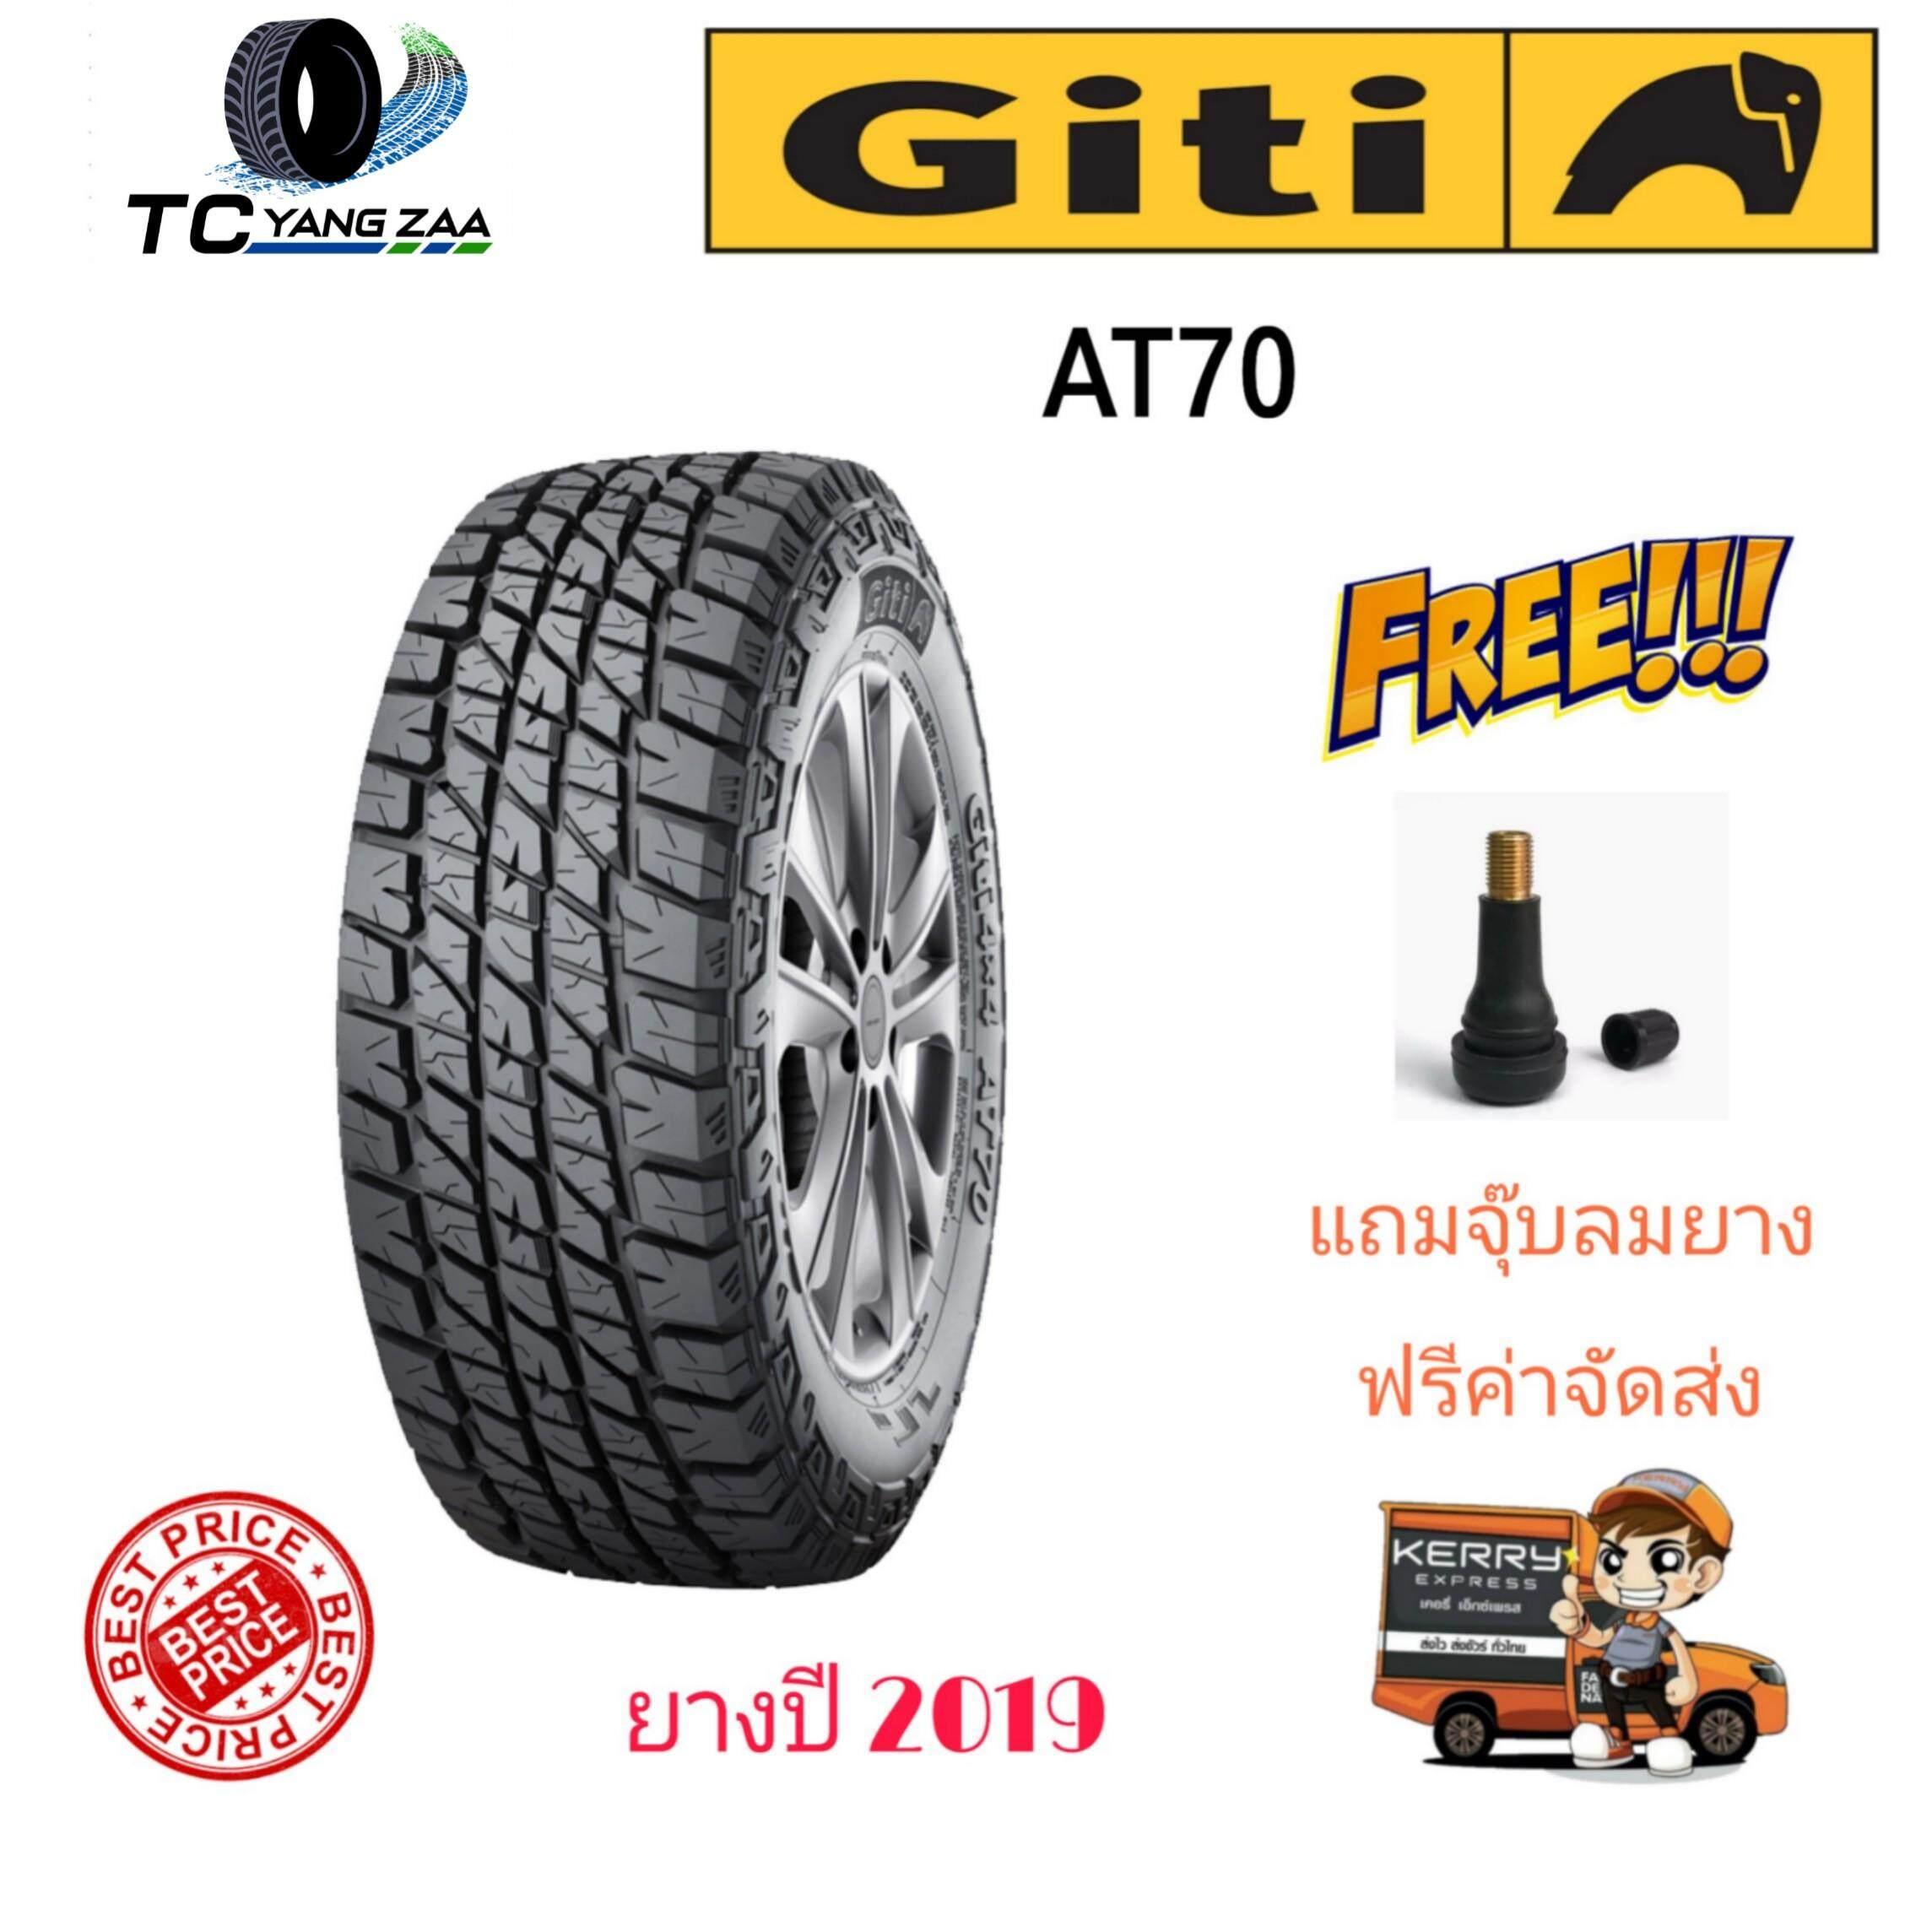 ยางรถยนต์ Giti 265/60r18 (ขอบ18) At70 แถมจุ๊บลมยาง.